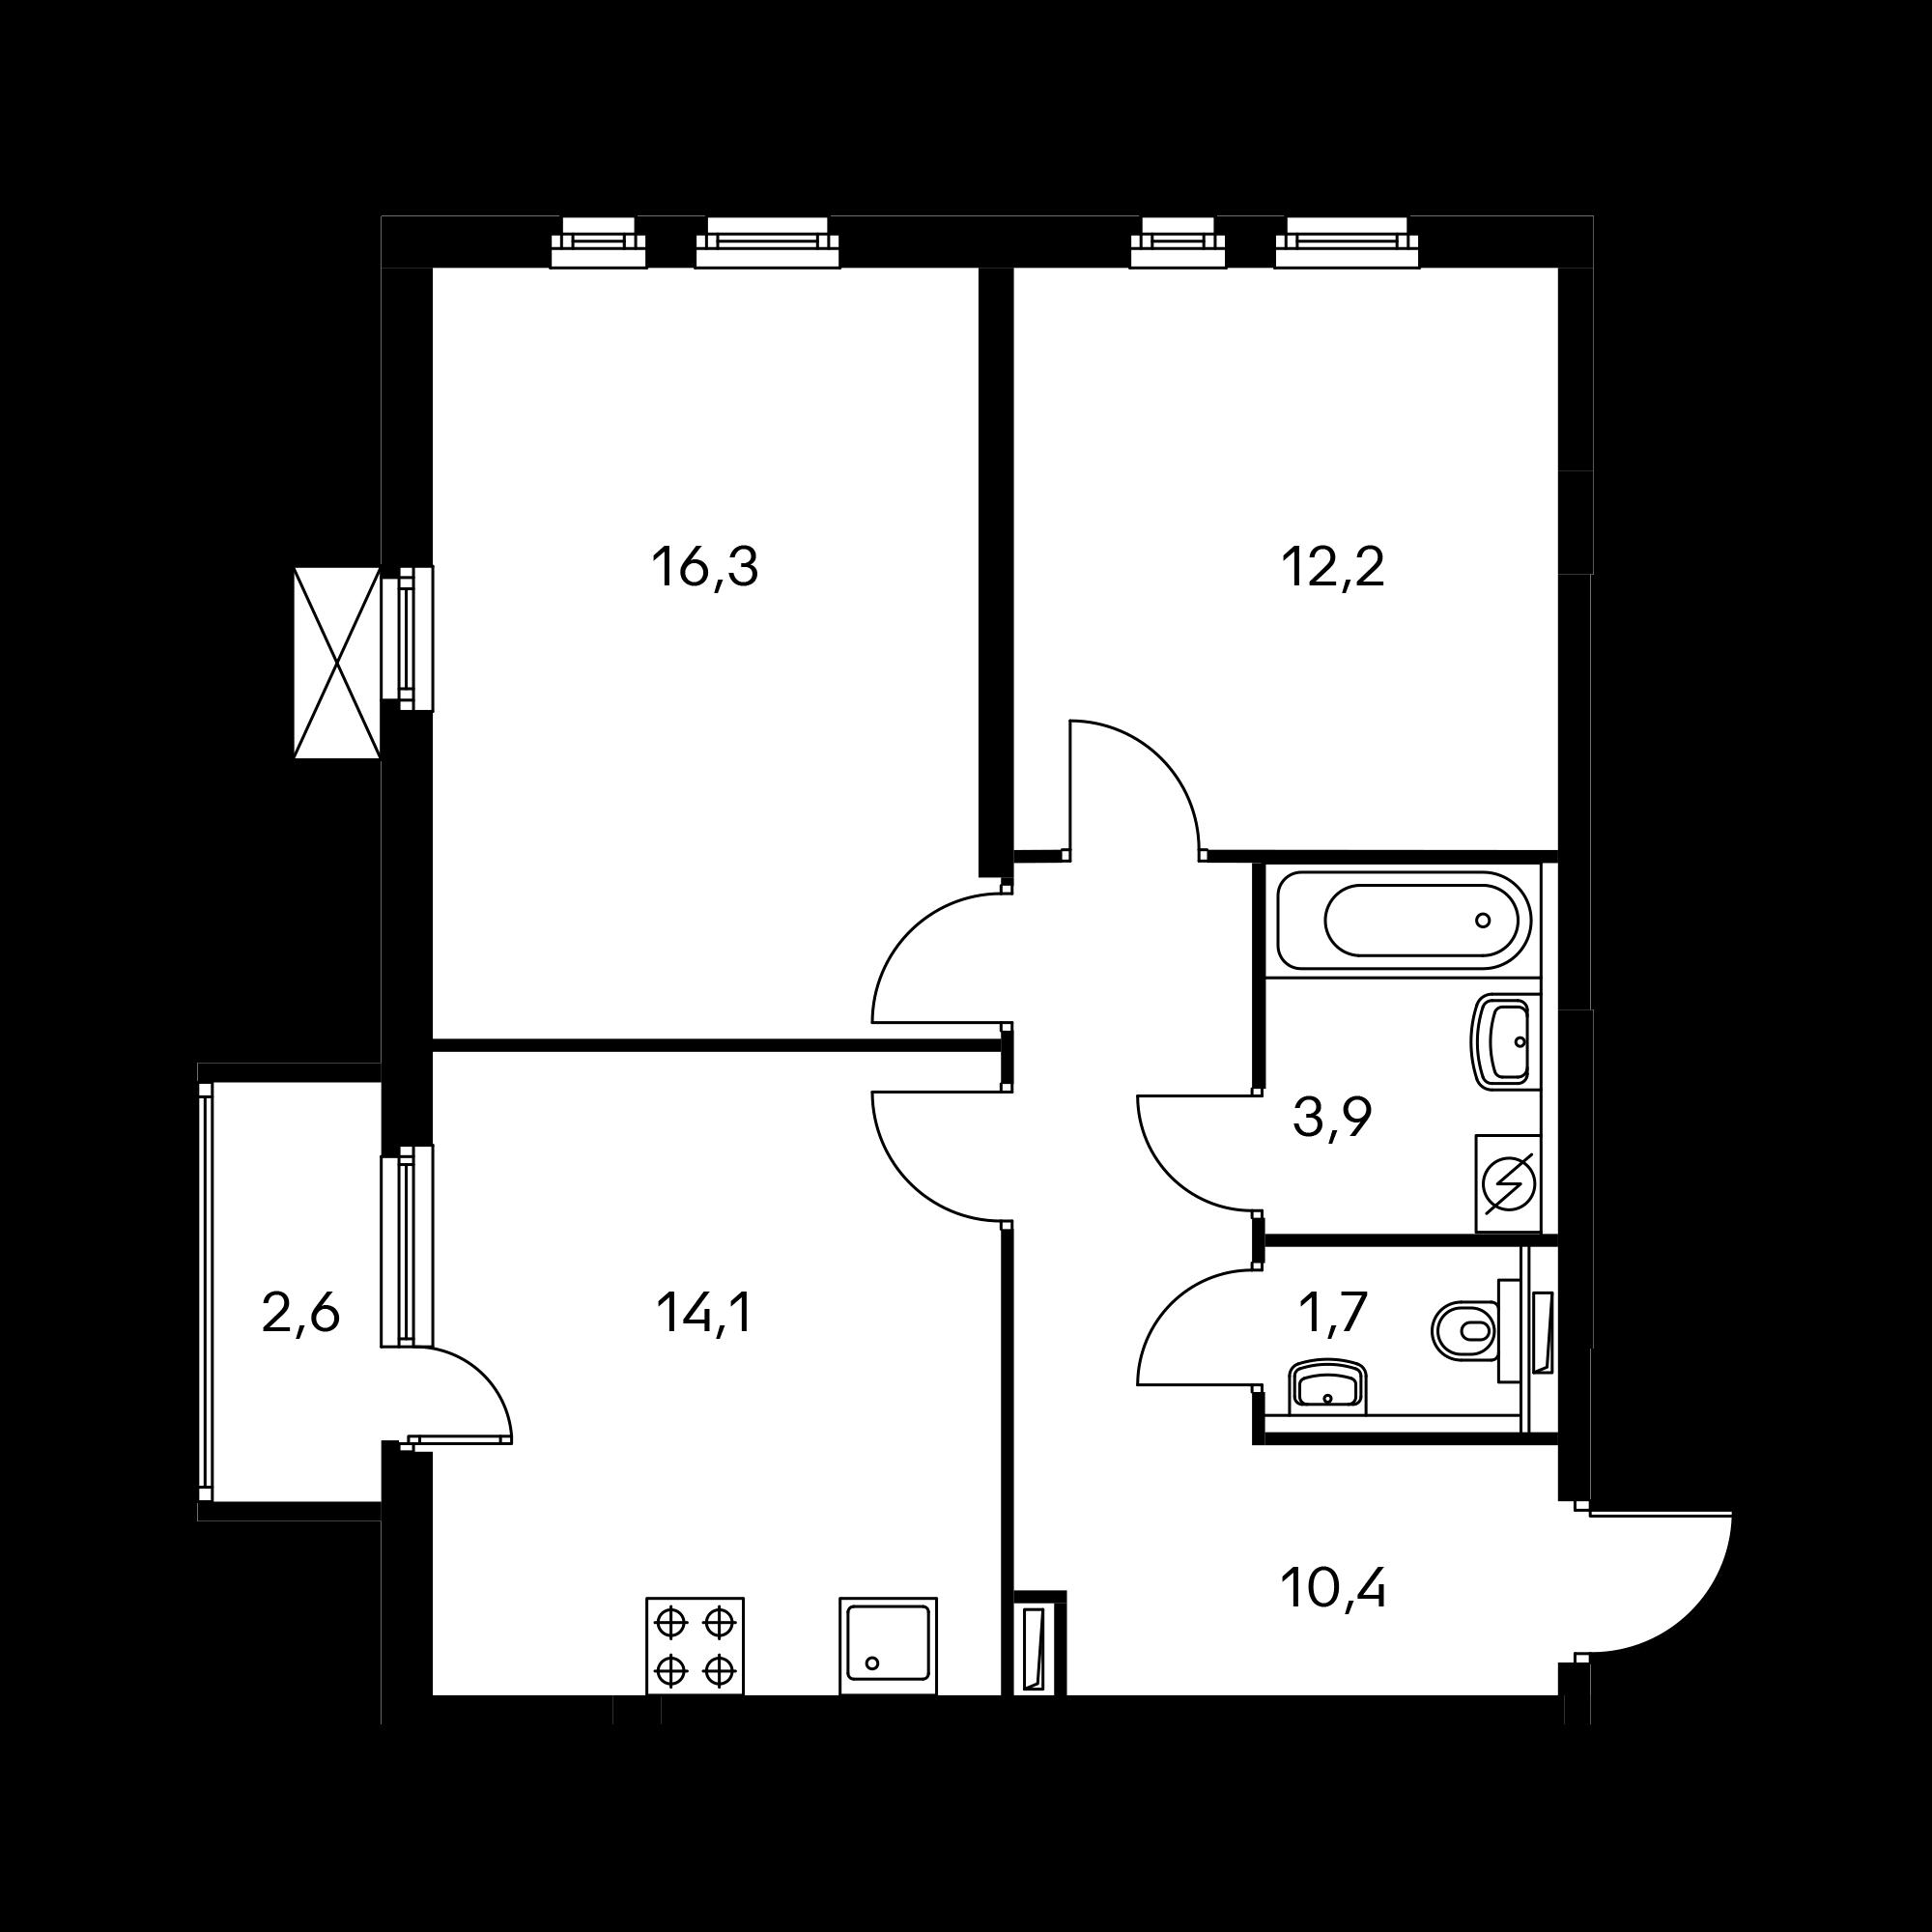 2KM1B_9.6-1SA1